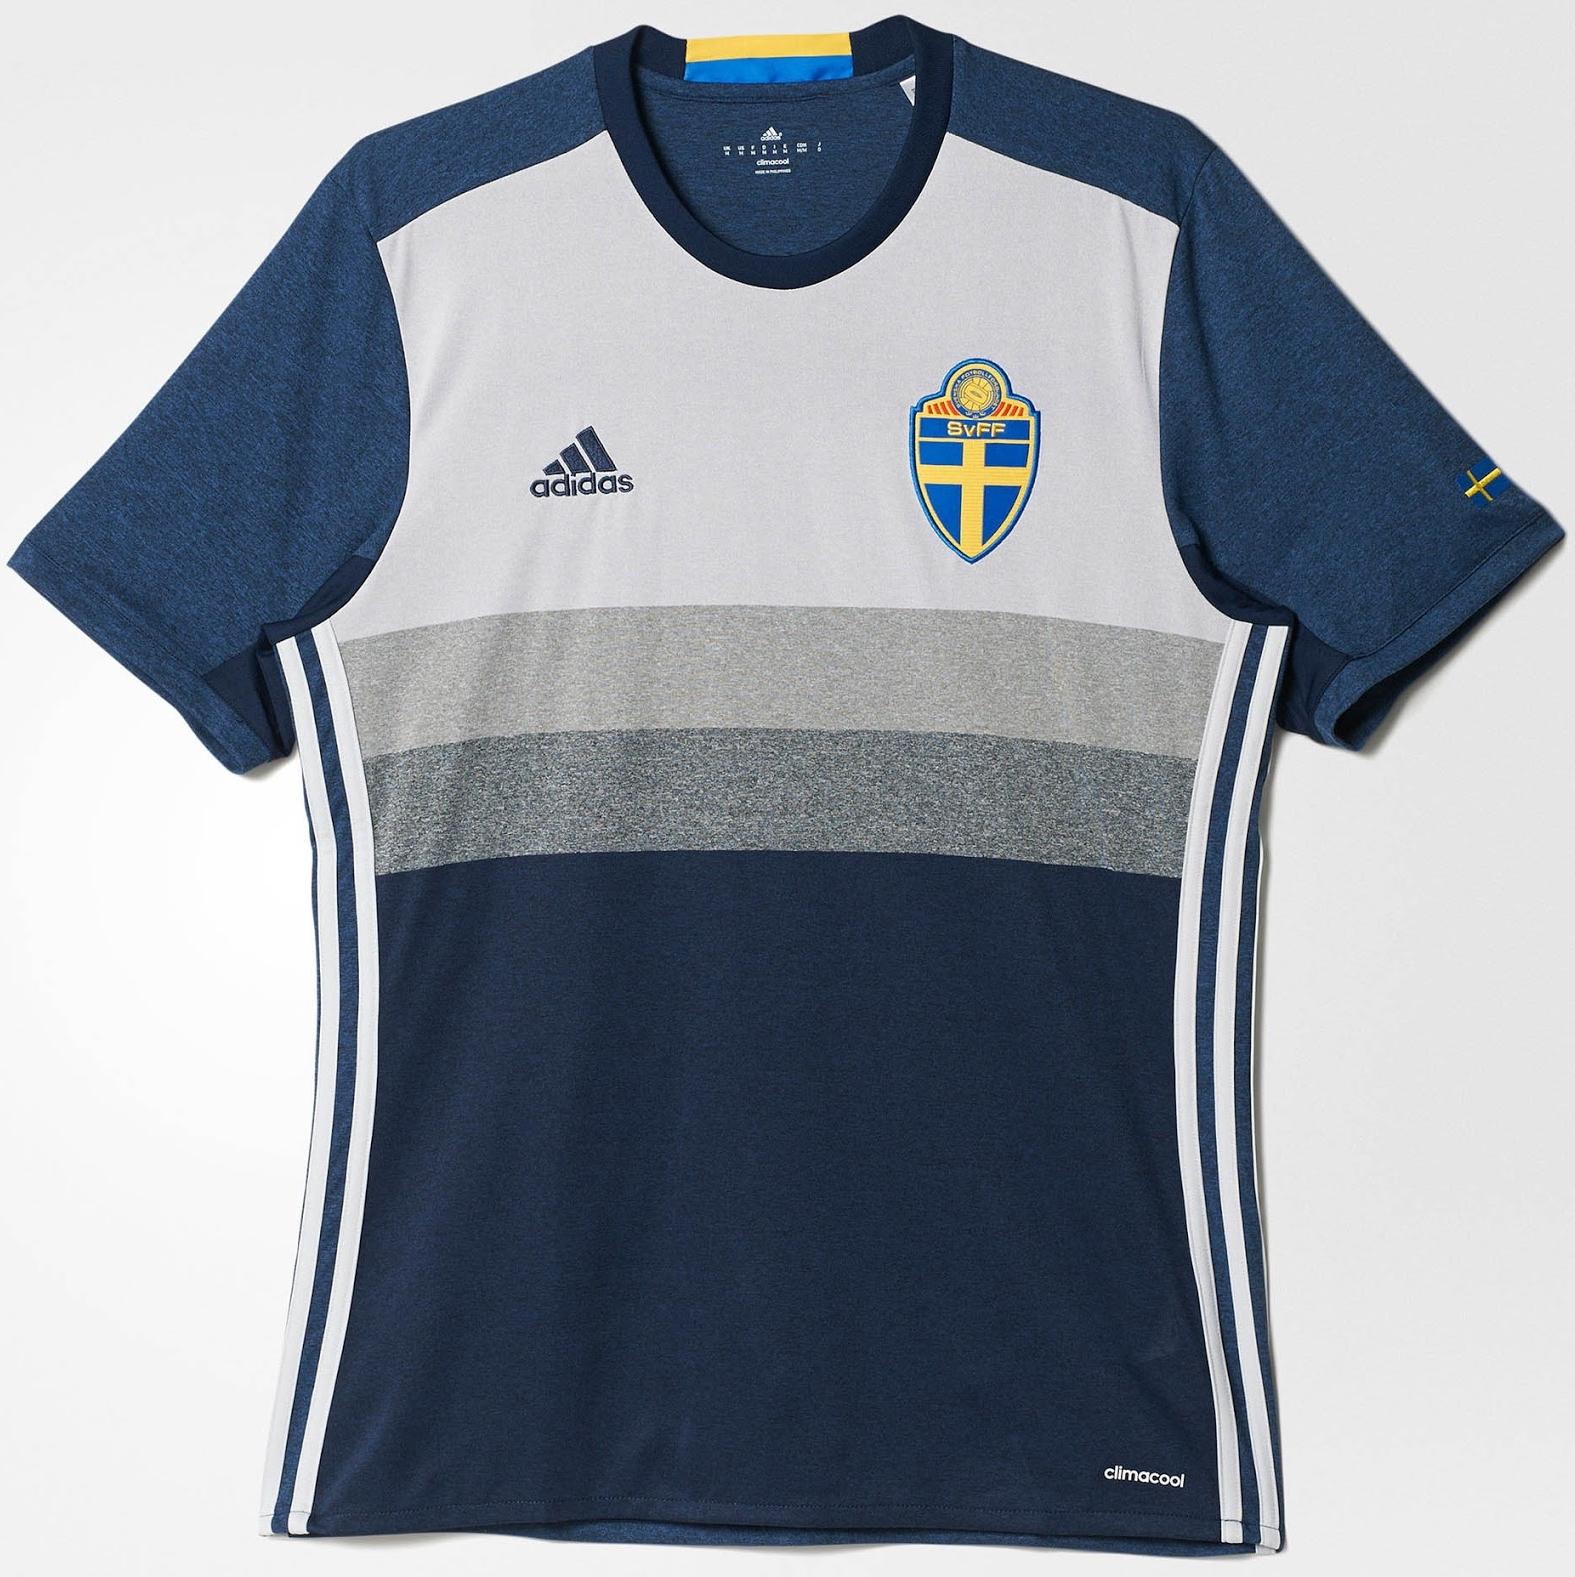 Adidas apresenta nova camisa reserva da Suécia - Show de Camisas 9d70eb019d30a